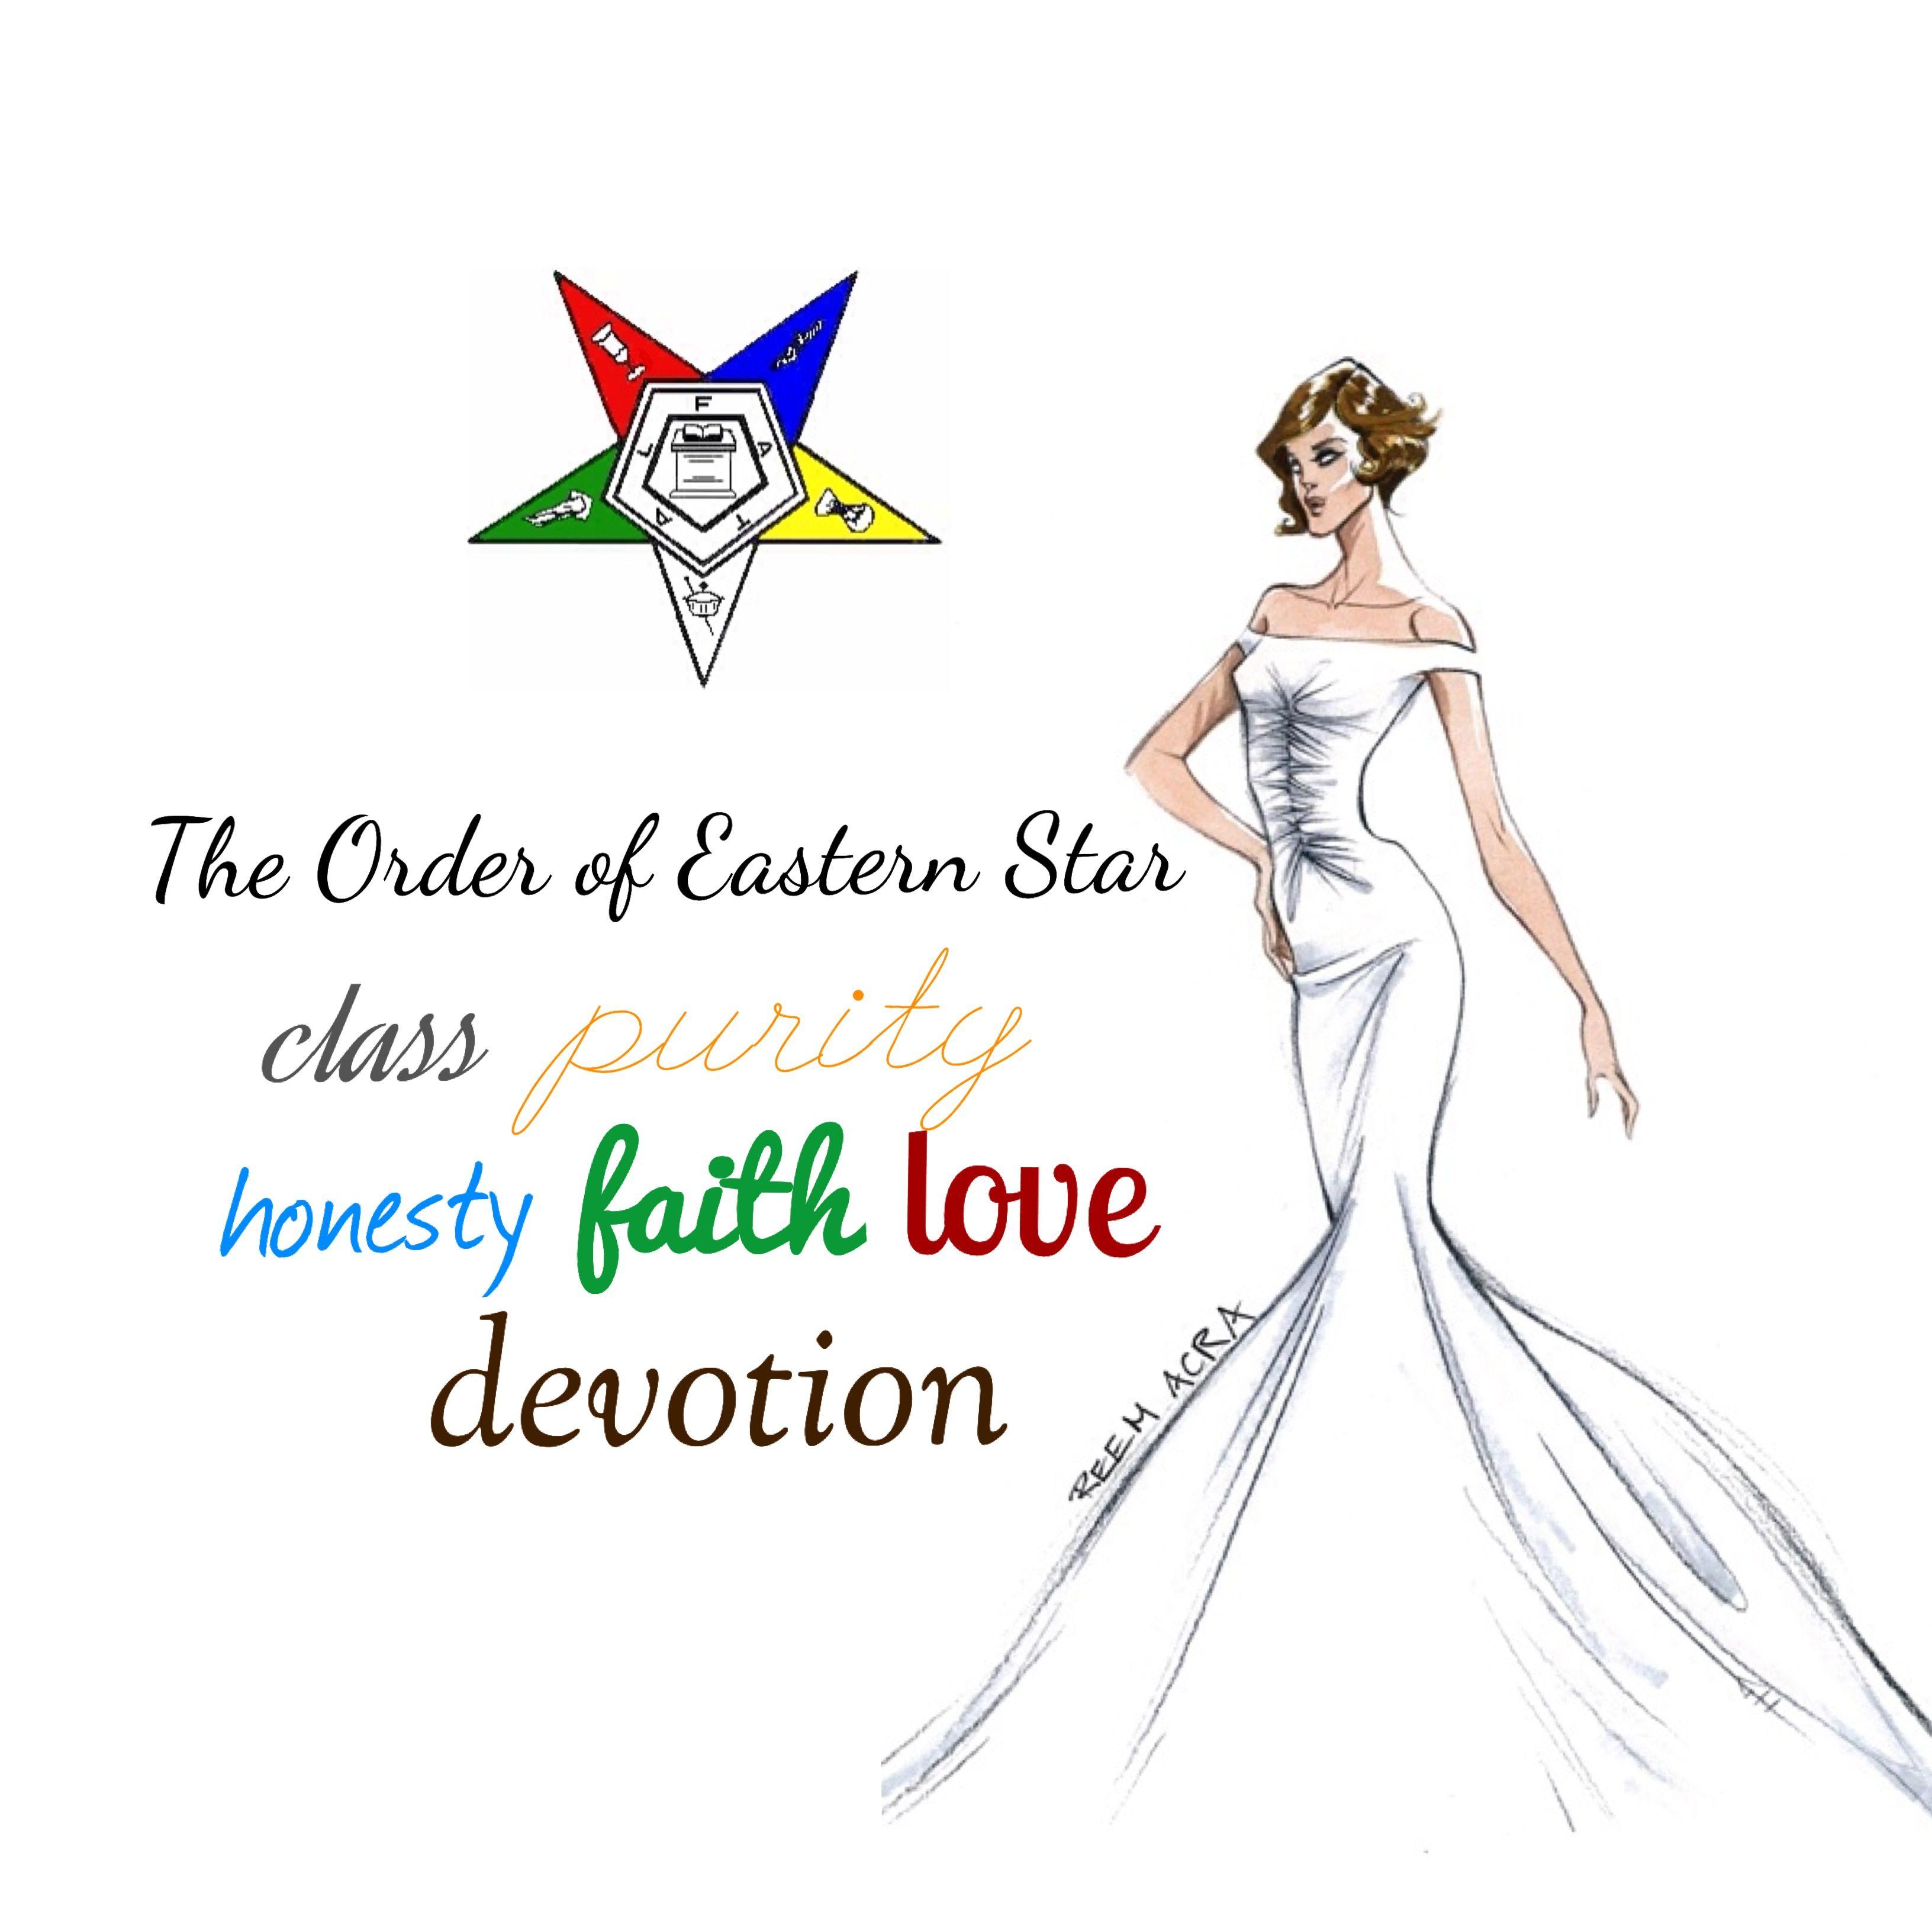 Order of Eastern Star clip art I designed! Come visit.